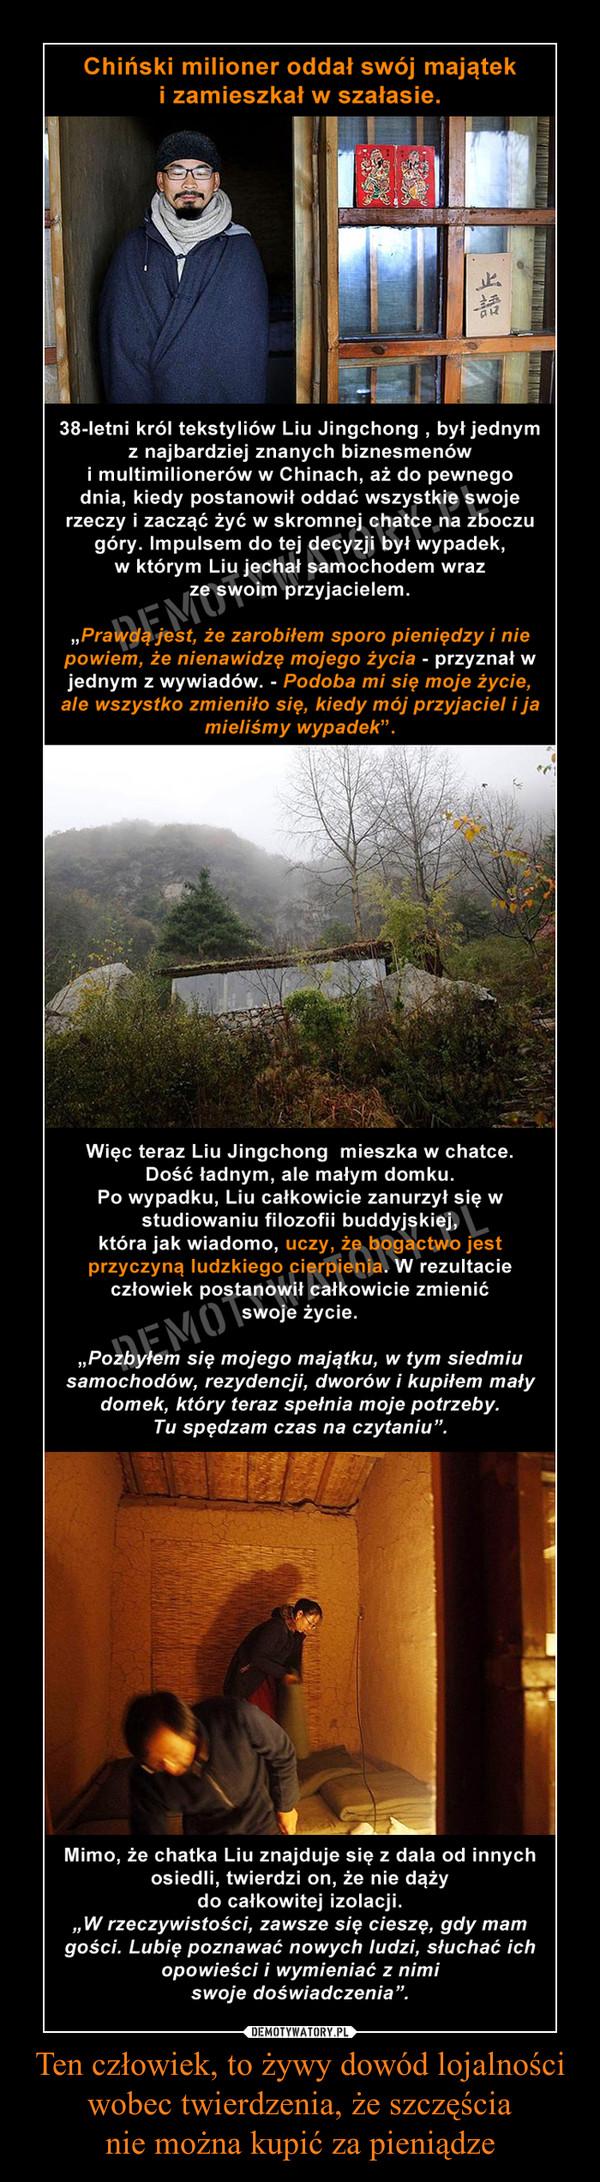 """Ten człowiek, to żywy dowód lojalności wobec twierdzenia, że szczęścianie można kupić za pieniądze –  Chiński milioner oddał swój majątek i zamieszkał w szałasie38-letni król tekstyliów Liu Jingchong , był jednym z najbardziej znanych biznesmenów i multimilionerów w Chinach, aż do pewnego dnia, kiedy postanowił oddać wszystkie swoje rzeczy i zacząć żyć w skromnej chatce na zboczu góry. Impulsem do tej decyzji był wypadek, w którym Liu jechał samochodem ze swoim przyjacielem.""""Prawdą jest, że zarobiłem sporo pieniędzy i nie powiem, że nienawidzę mojego życia - przyznał w jednym z wywiadów. - Podoba mi się moje życie, ale wszystko zmieniło się, kiedy mój przyjaciel i ja mieliśmy wypadek"""".Więc teraz Liu Jingchong  mieszka w chatce. Dość ładnym, ale małym domku. Po wypadku, Liu całkowicie zanurzył się w studiowaniu filozofii buddyjskiej, która jak wiadomo, uczy, że bogactwo jest przyczyną ludzkiego cierpienia. W rezultacie człowiek postanowił całkowicie zmienić swoje życie.""""Pozbyłem się mojego majątku, w tym siedmiu samochodów, rezydencji, dworów i kupiłem mały domek, który teraz spełnia moje potrzeby. Tu spędzam czas na czytaniu tekstów duchowych"""".Mimo, że chatka Liu znajduje się z dala od innych osiedli, twierdzi on, że nie dąży do całkowitej izolacji.""""W rzeczywistości, zawsze się cieszę, gdy mam gości. Lubię poznawać nowych ludzi, słuchać ich opowieści i wymieniać z nimi swoje doświadczenia""""."""